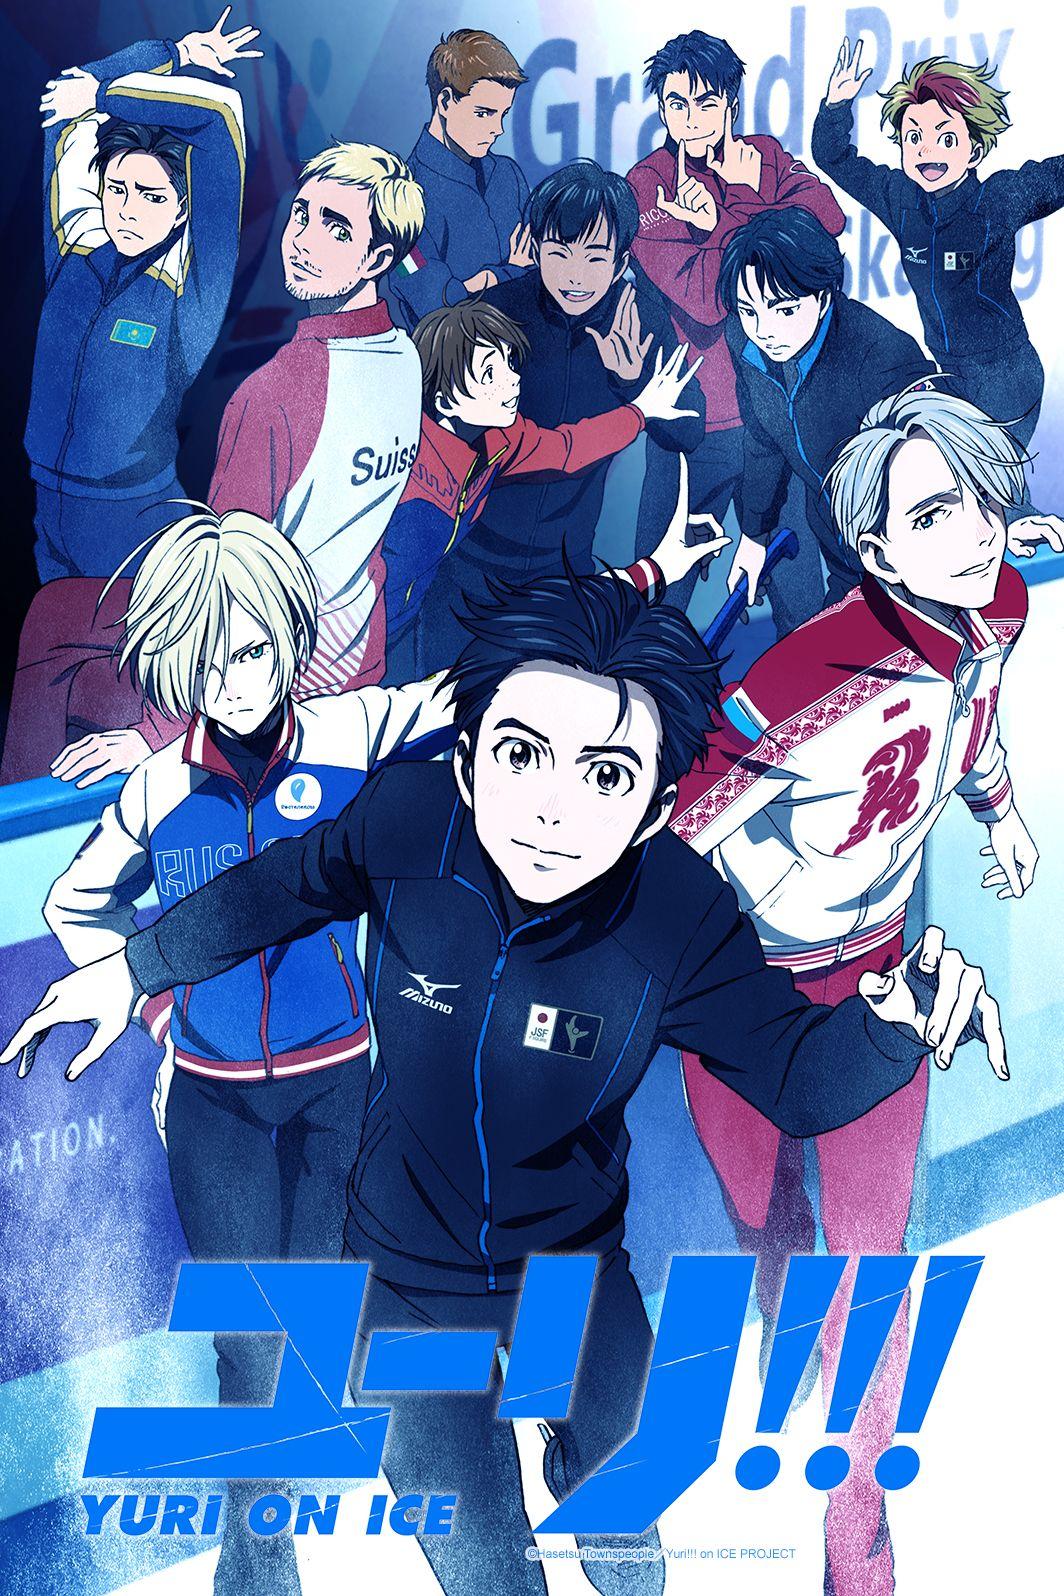 """ユーリ!!! on ICE """"Yuri!!! on Ice"""" by Studio MAPPA, 2016"""